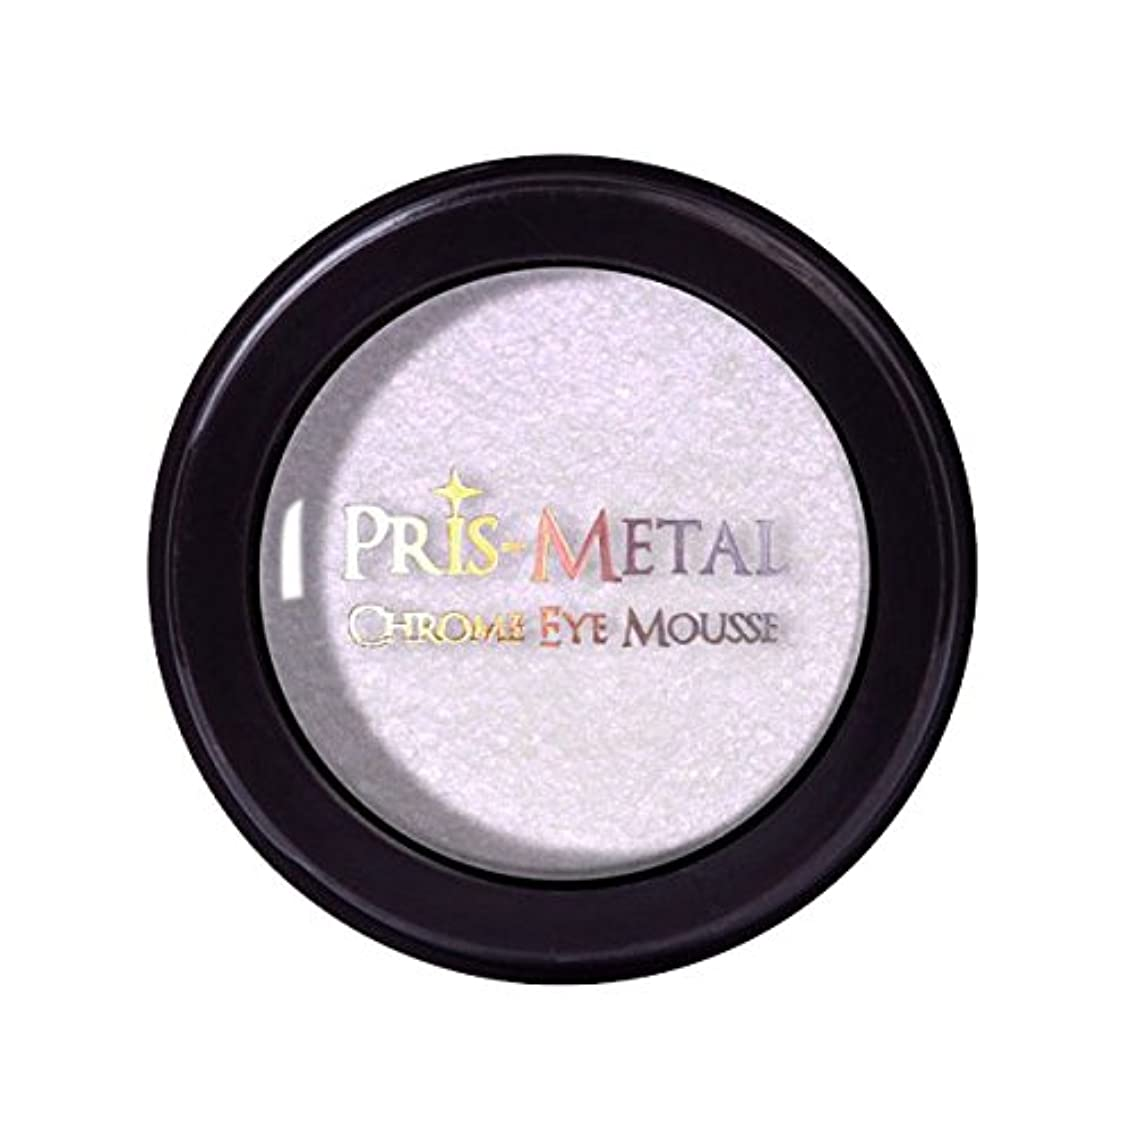 異常似ている代わりの(3 Pack) J. CAT BEAUTY Pris-Metal Chrome Eye Mousse - Pinky Promise (並行輸入品)